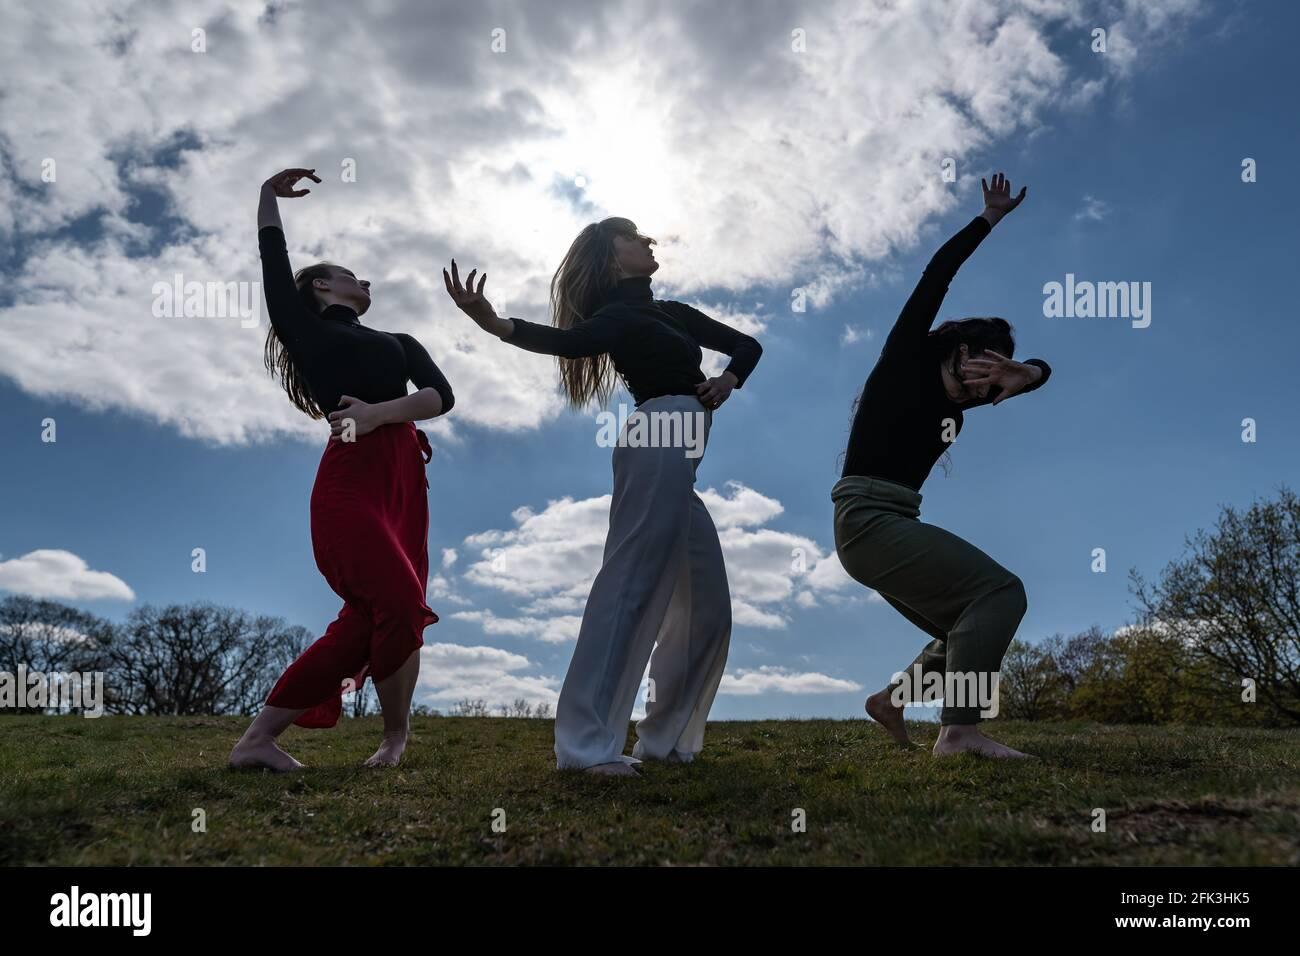 Londres, Reino Unido. 28th de abril de 2021. Día Internacional de la Danza: Bailarines de Ranbu actuación colectiva en Hampstead Heath antes del Día Internacional de la Danza el 29th de abril (L-R Belinda Roy, Sophie Chinner, Coralie Calfond). El recién formado colectivo de danza con sede en Londres y Japón tiene como objetivo crear una plataforma para que los bailarines contemporáneos colaboren, interpretes y compartan ideas con otros artistas. Celebrado por primera vez en 1982, el Día Internacional de la Danza se celebra cada año desde el nacimiento de Jean-Georges Noverre (1727-1810), creador del ballet moderno. Crédito: Guy Corbishley/Alamy Live News Foto de stock